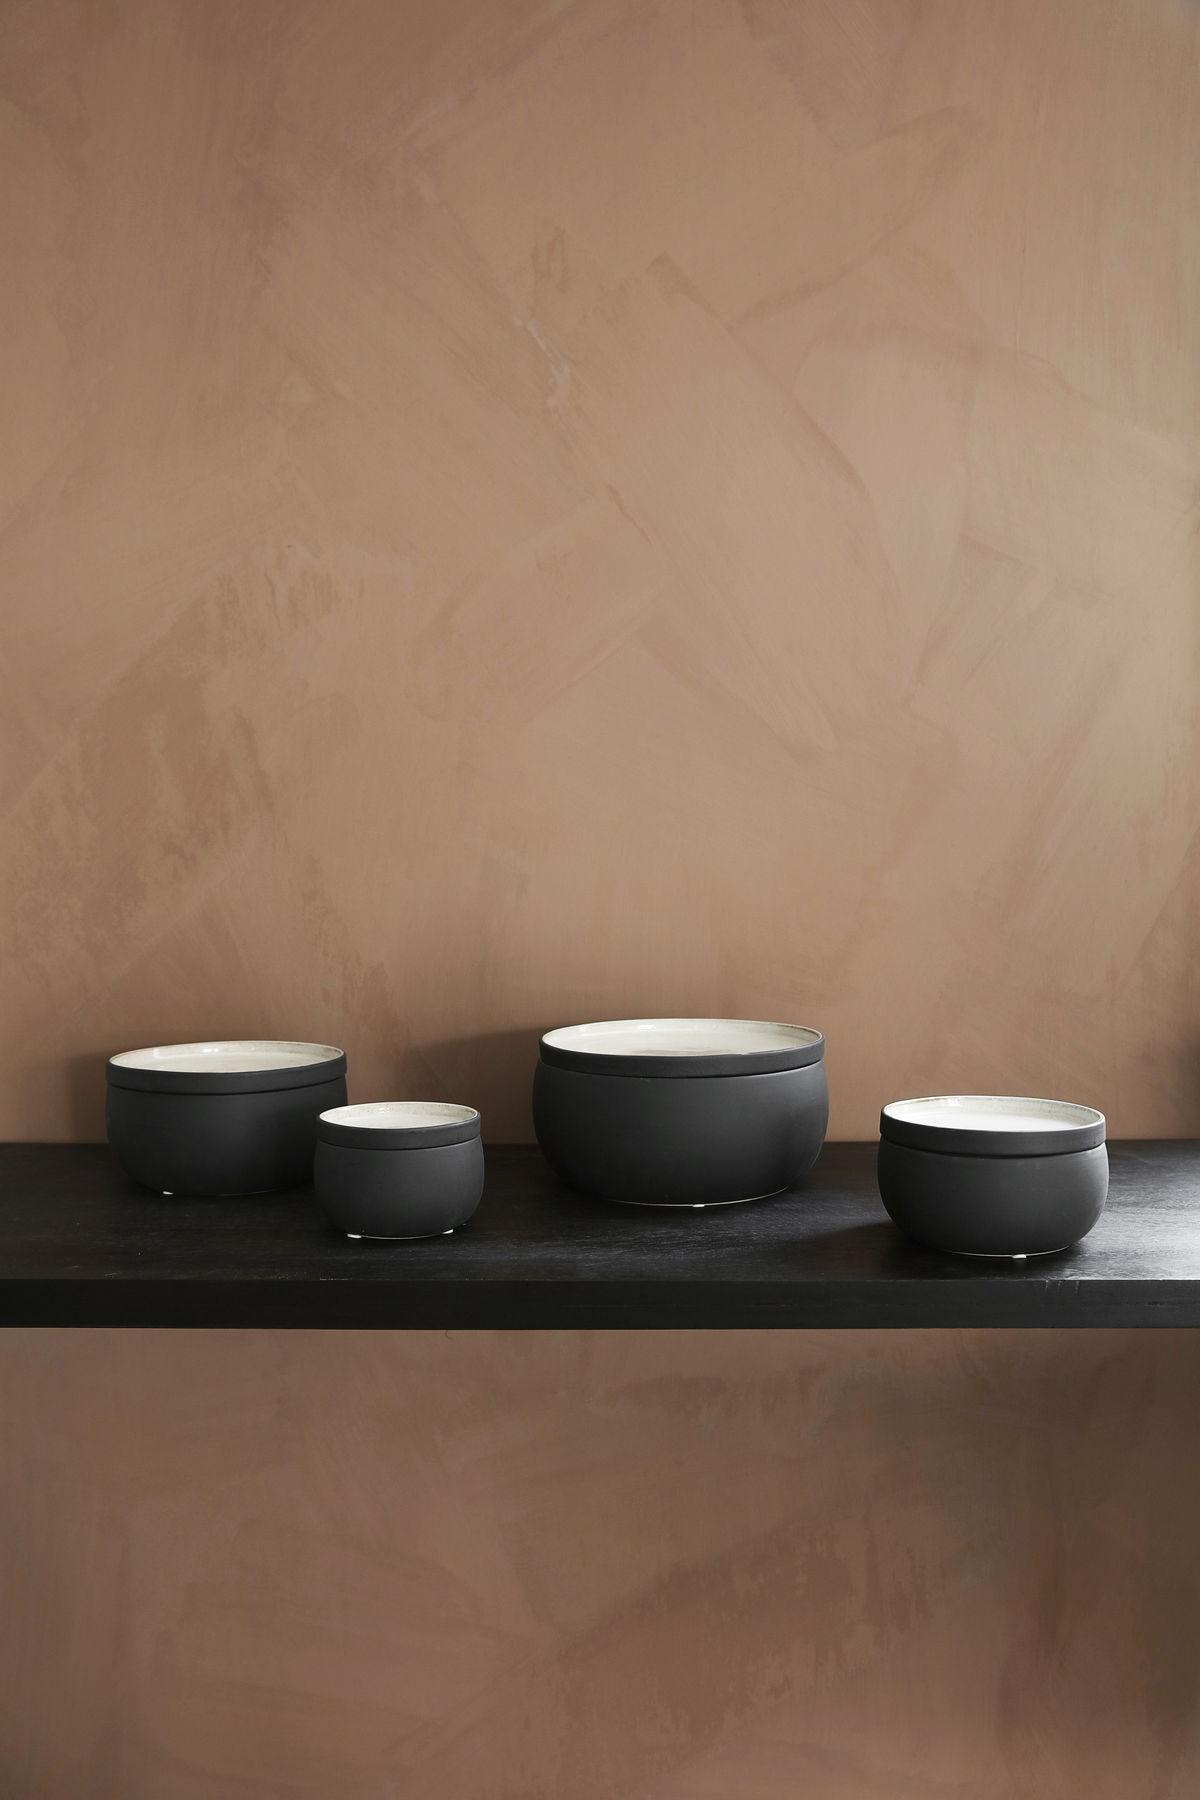 ivy large schachtel keramik 23 5 cm large anthrazit by house doctor made in design. Black Bedroom Furniture Sets. Home Design Ideas